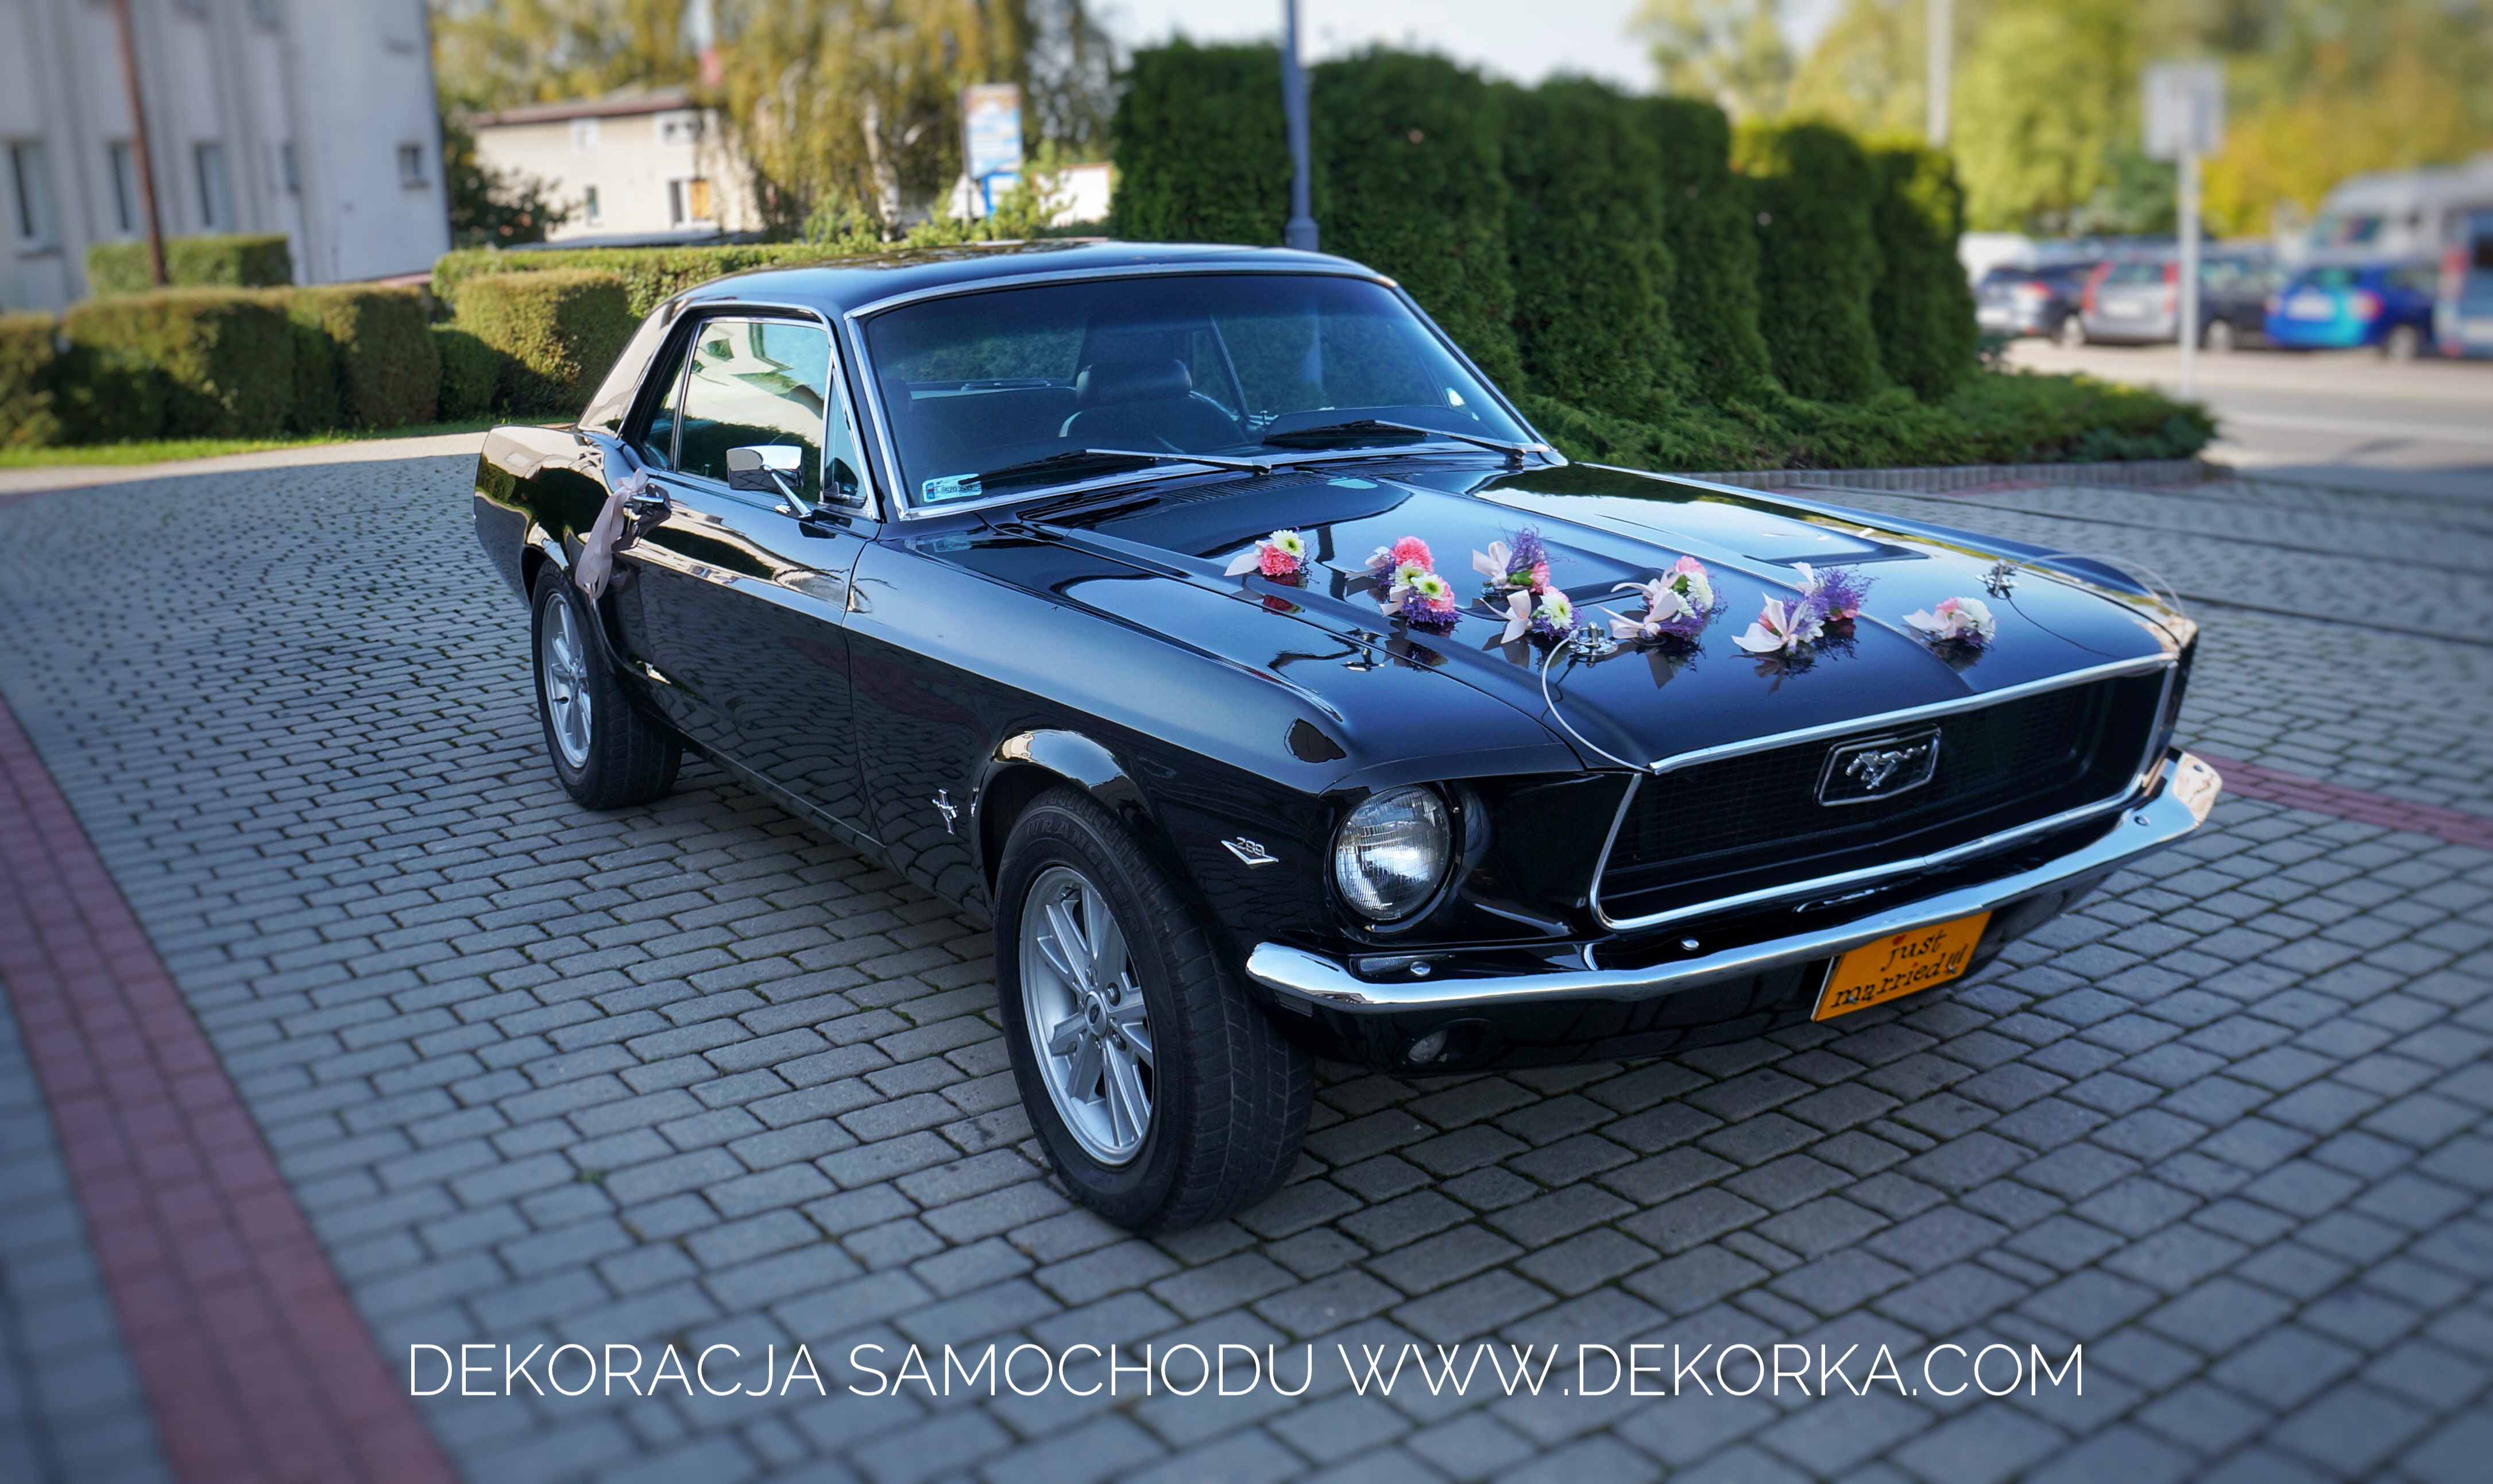 dekoracja samochodu dekorka.com